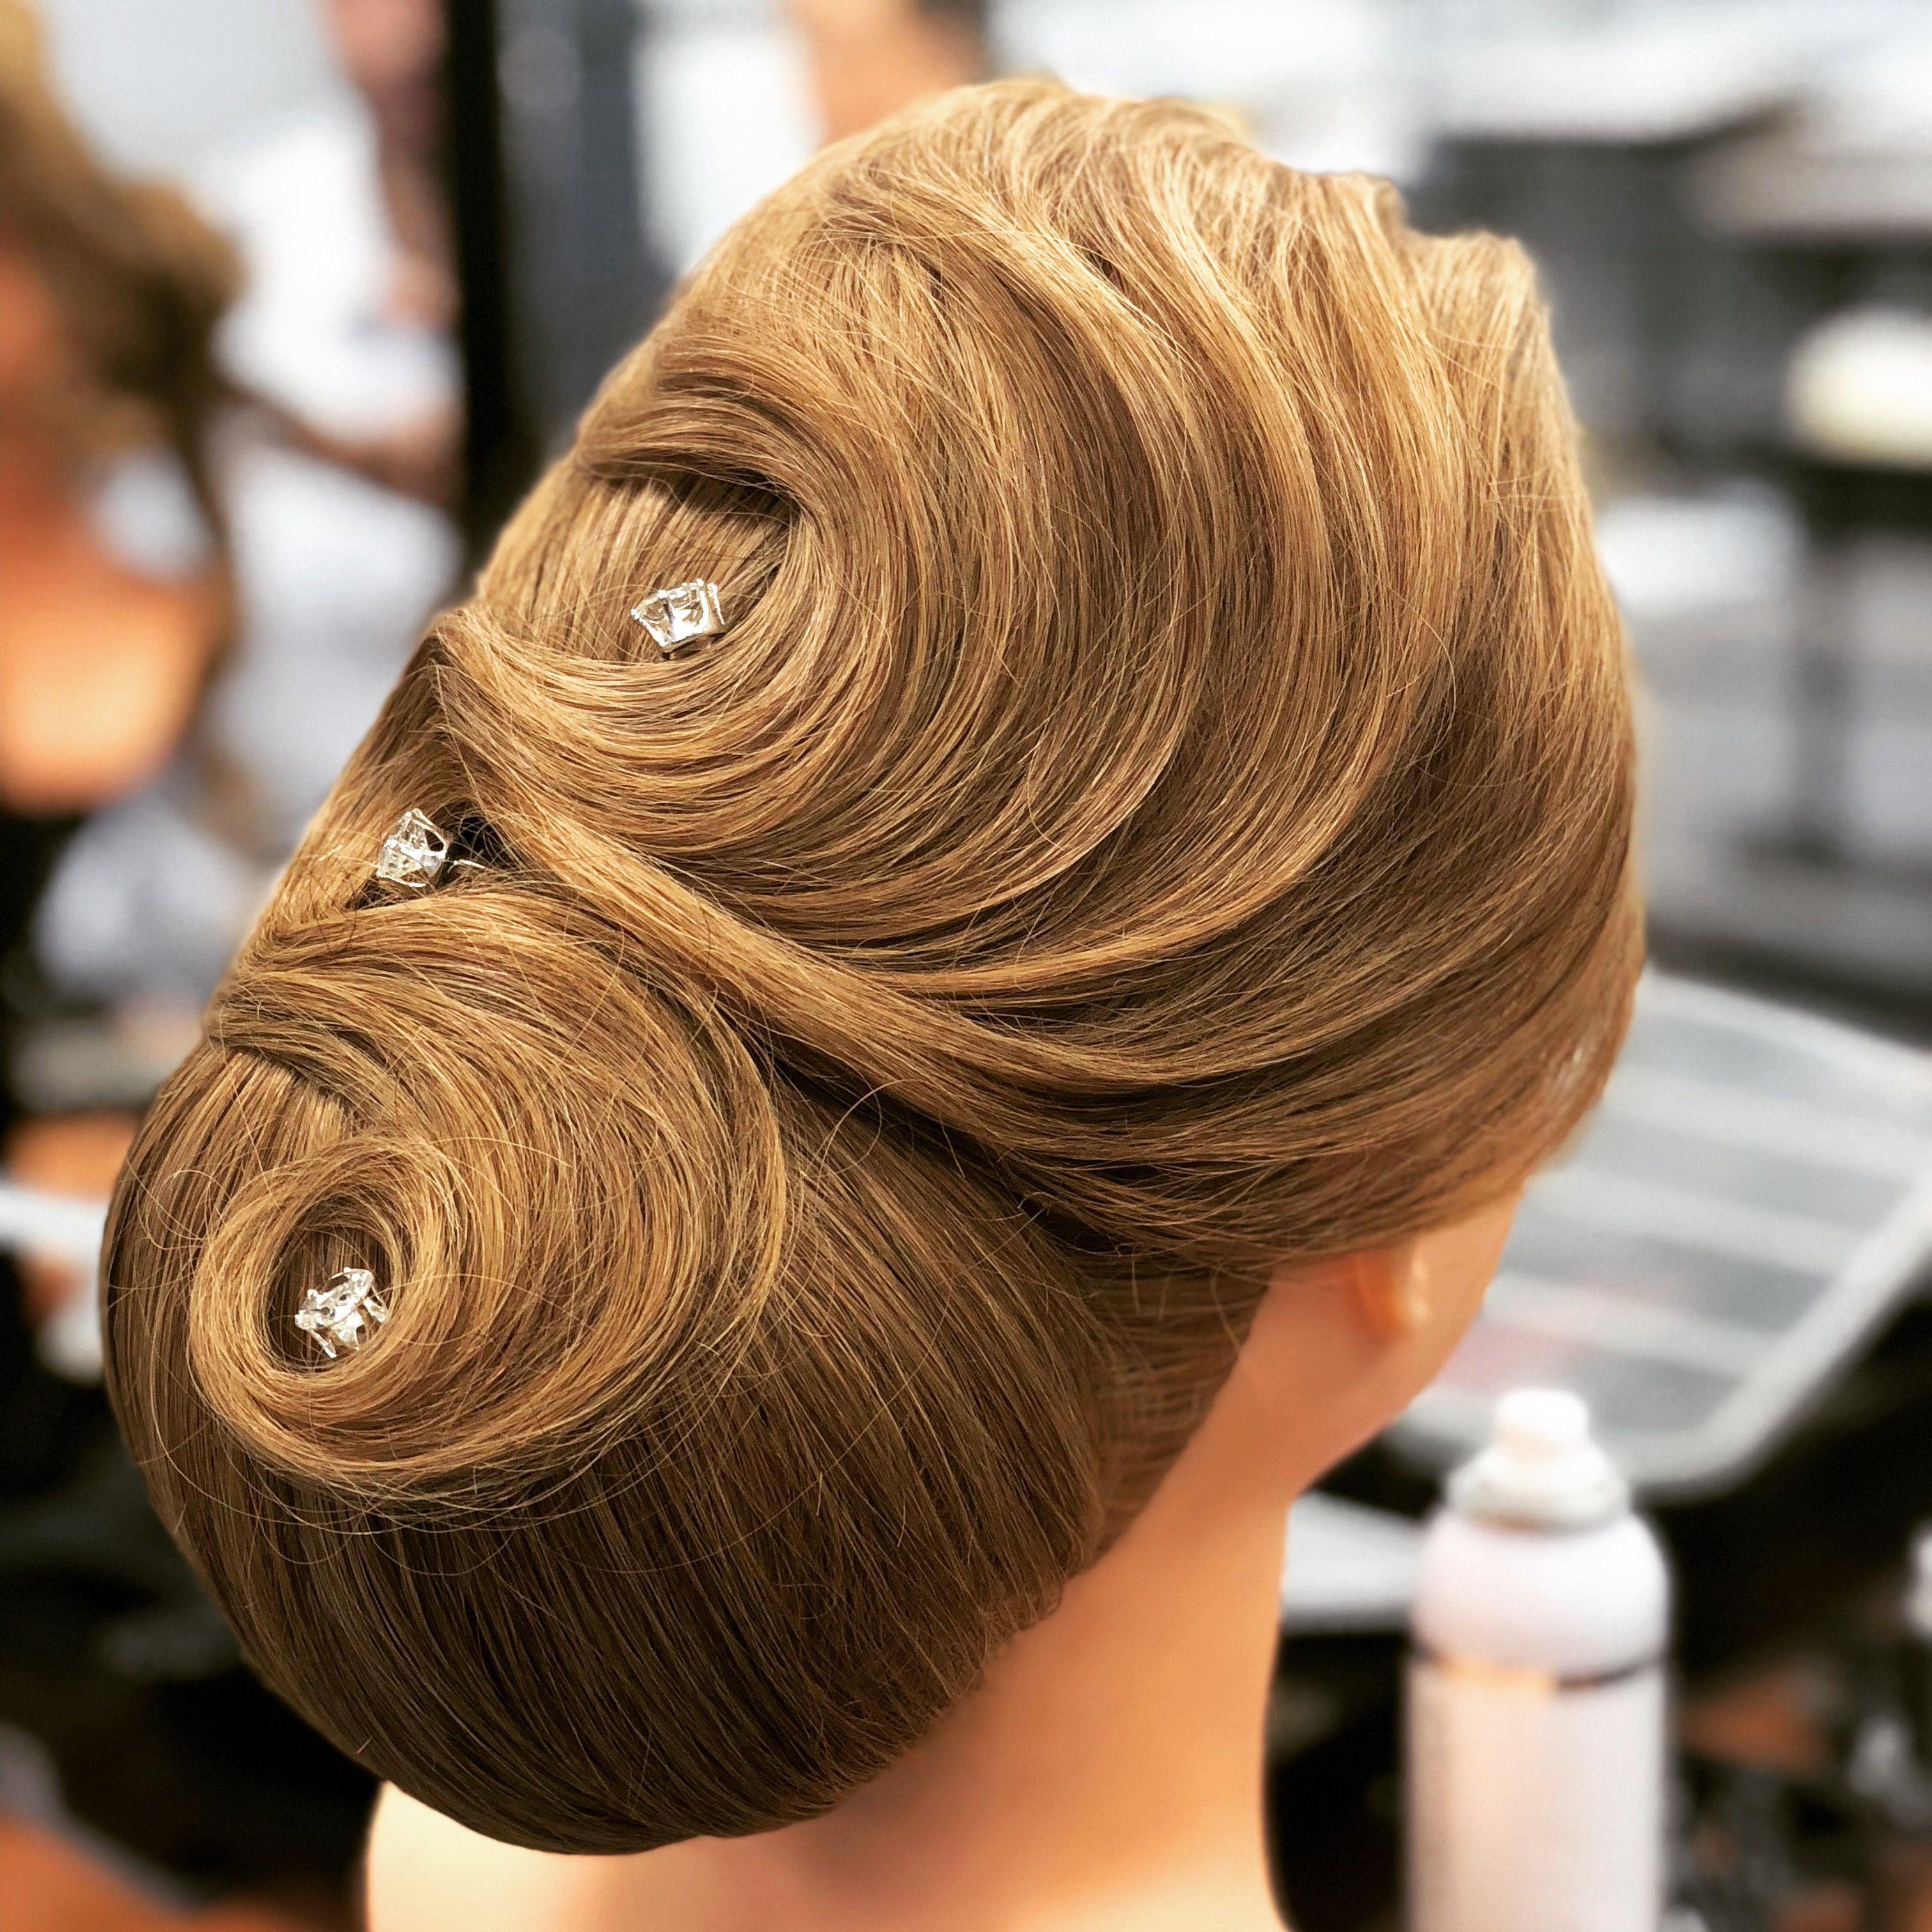 10+ Salon de coiffure toulon inspiration